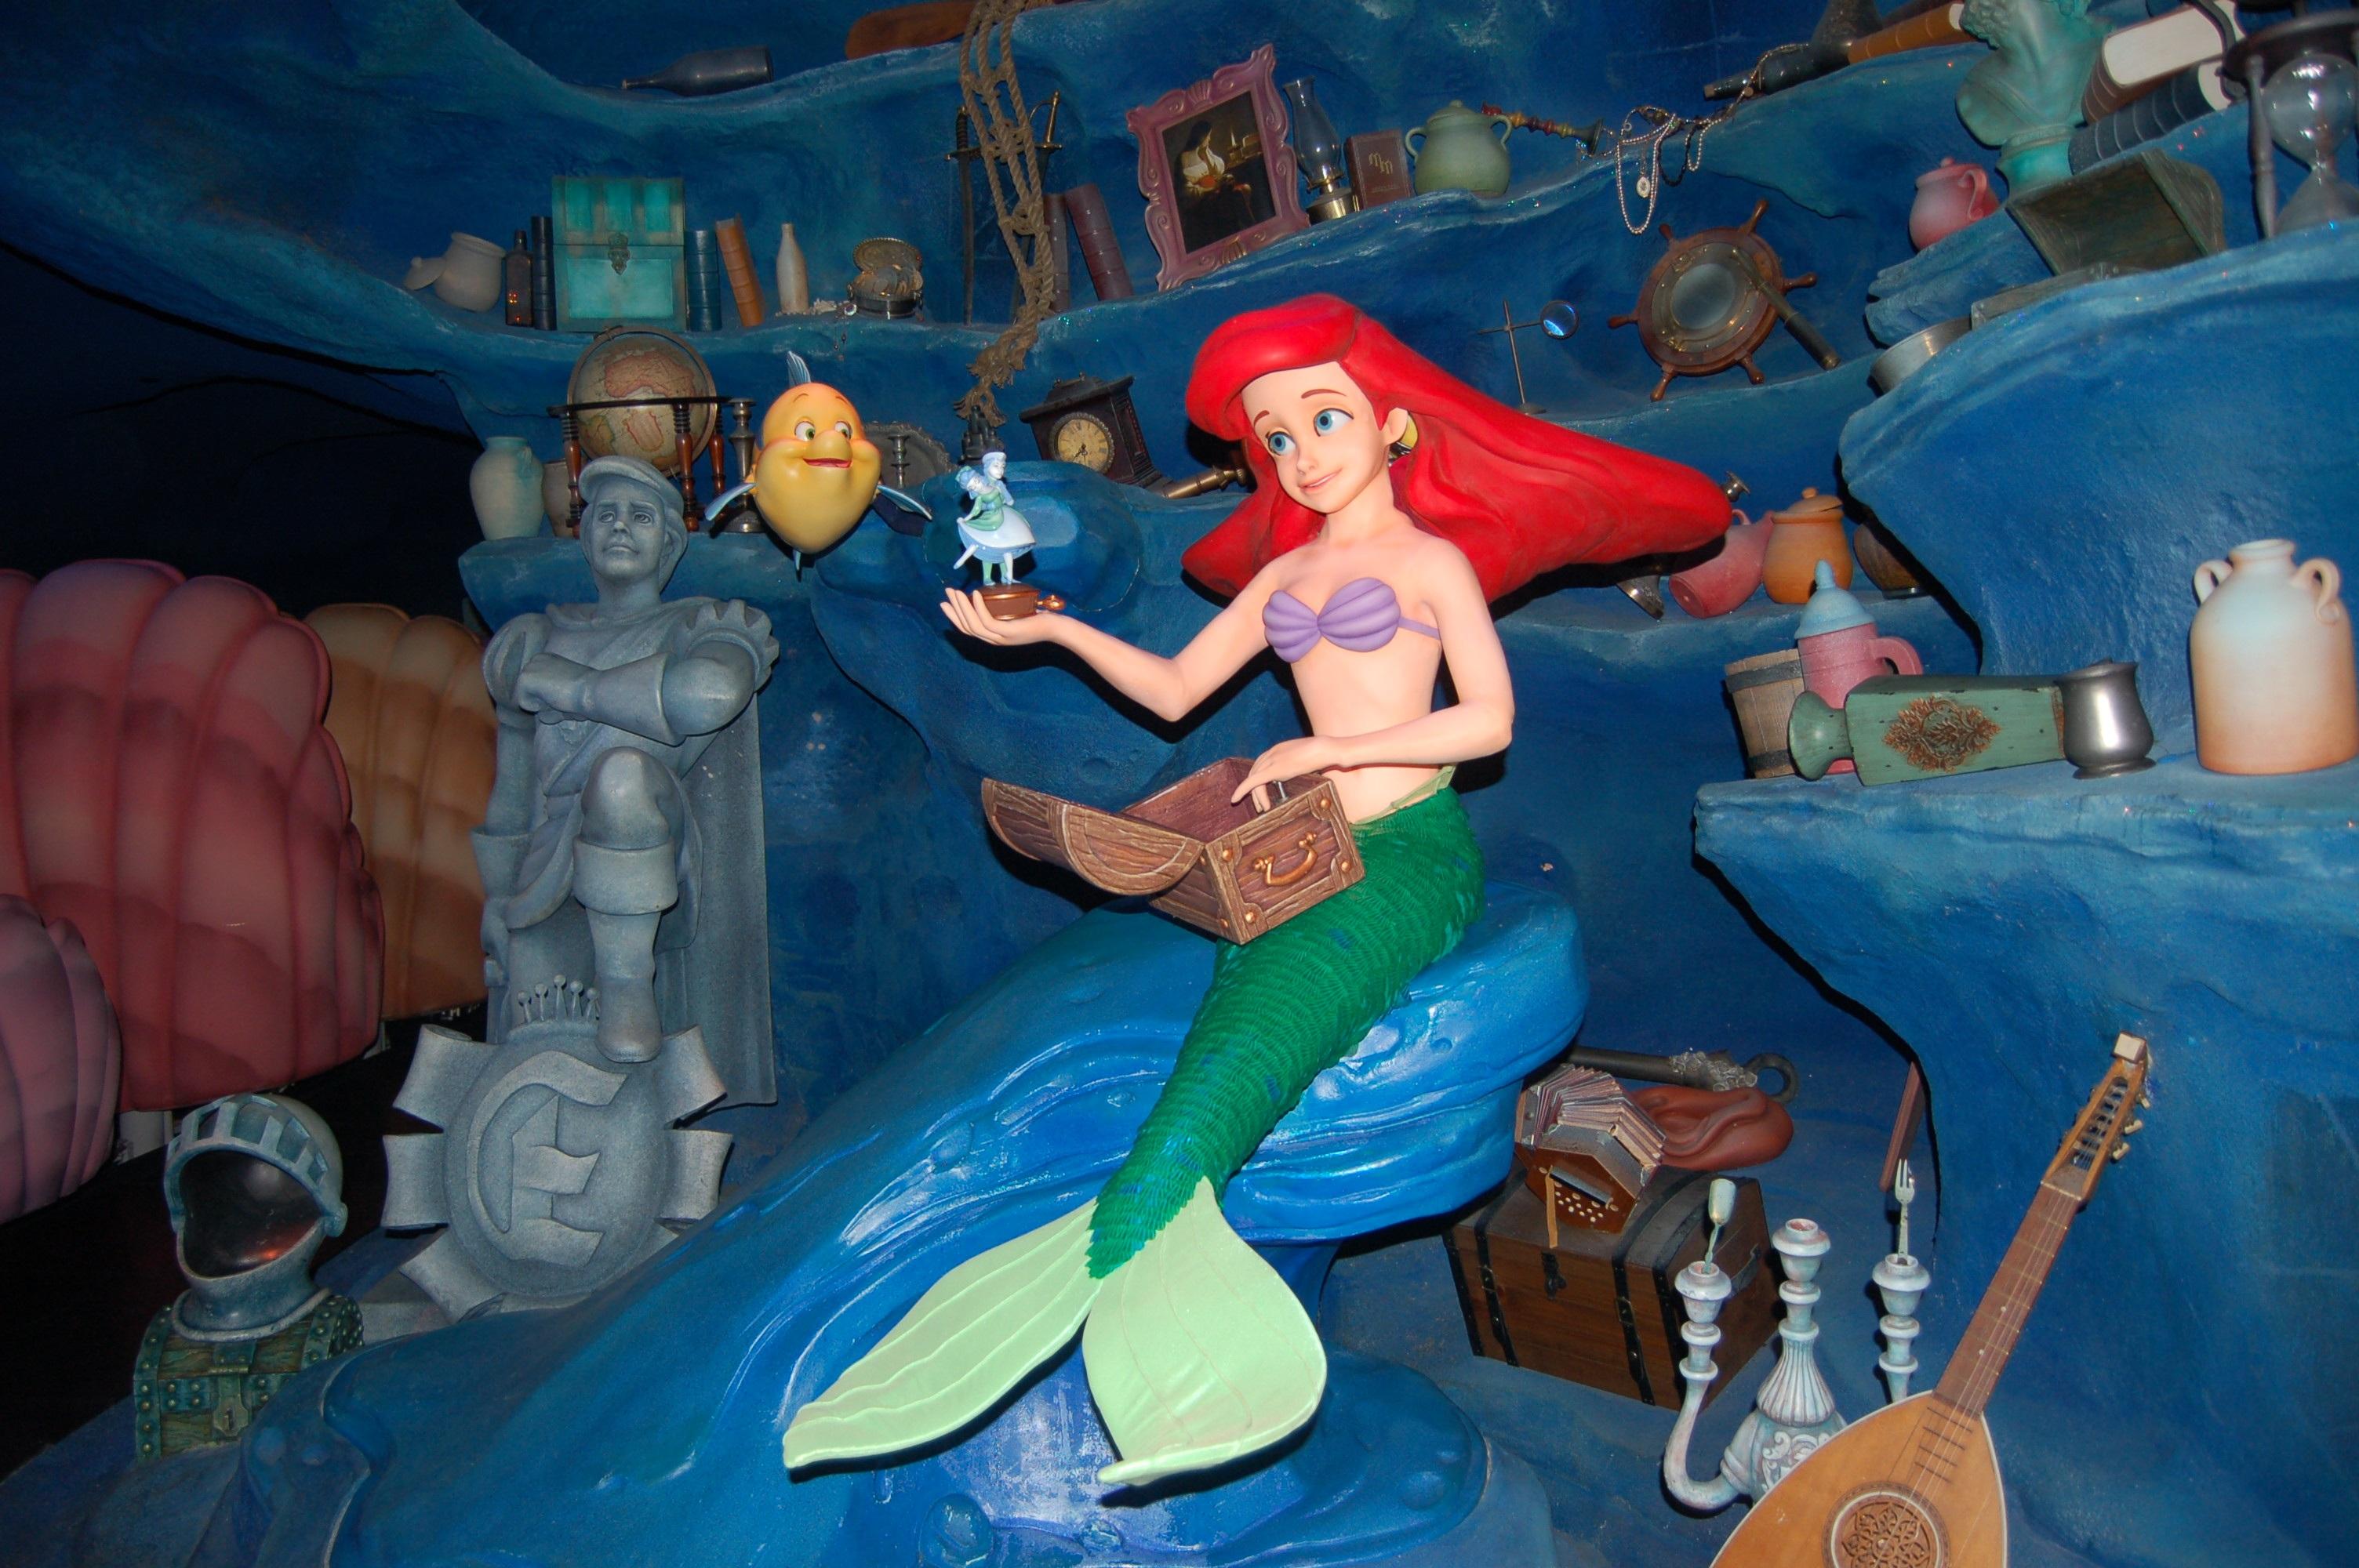 Принцесса-русалка: ночь развлечений